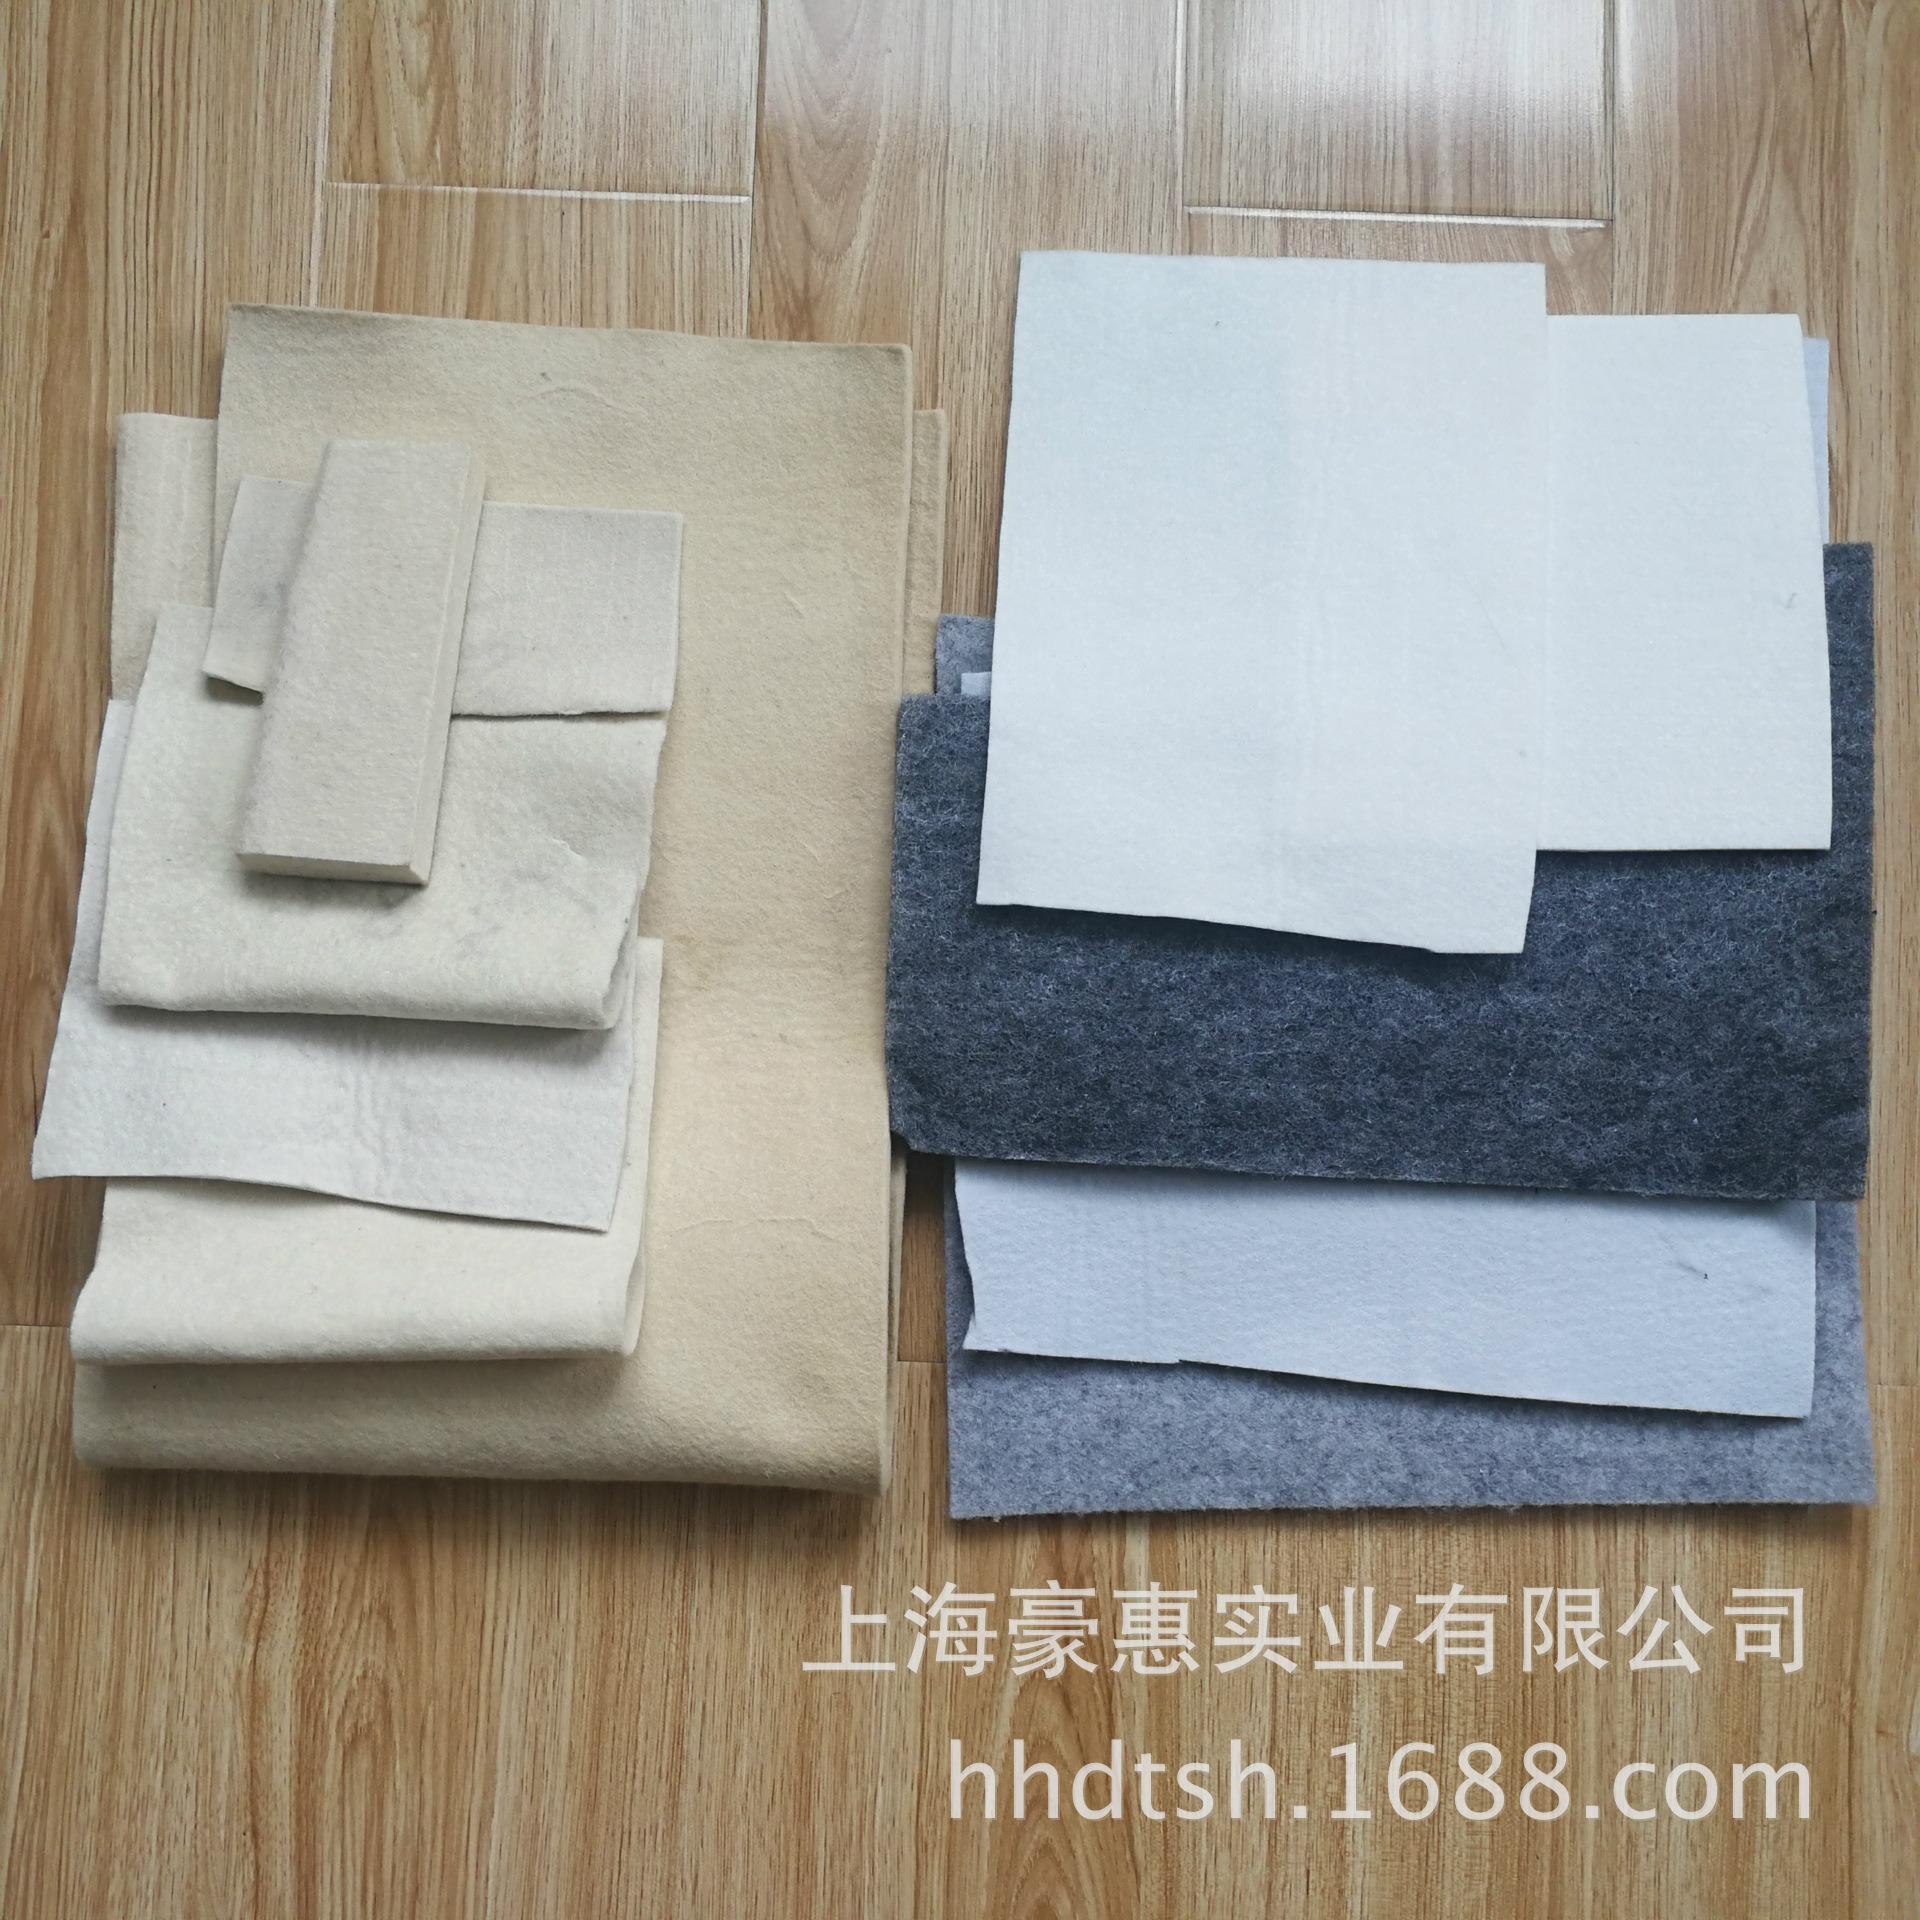 厂家供应毛毡自粘胶带 汽车密封胶带 防水密封胶带定制